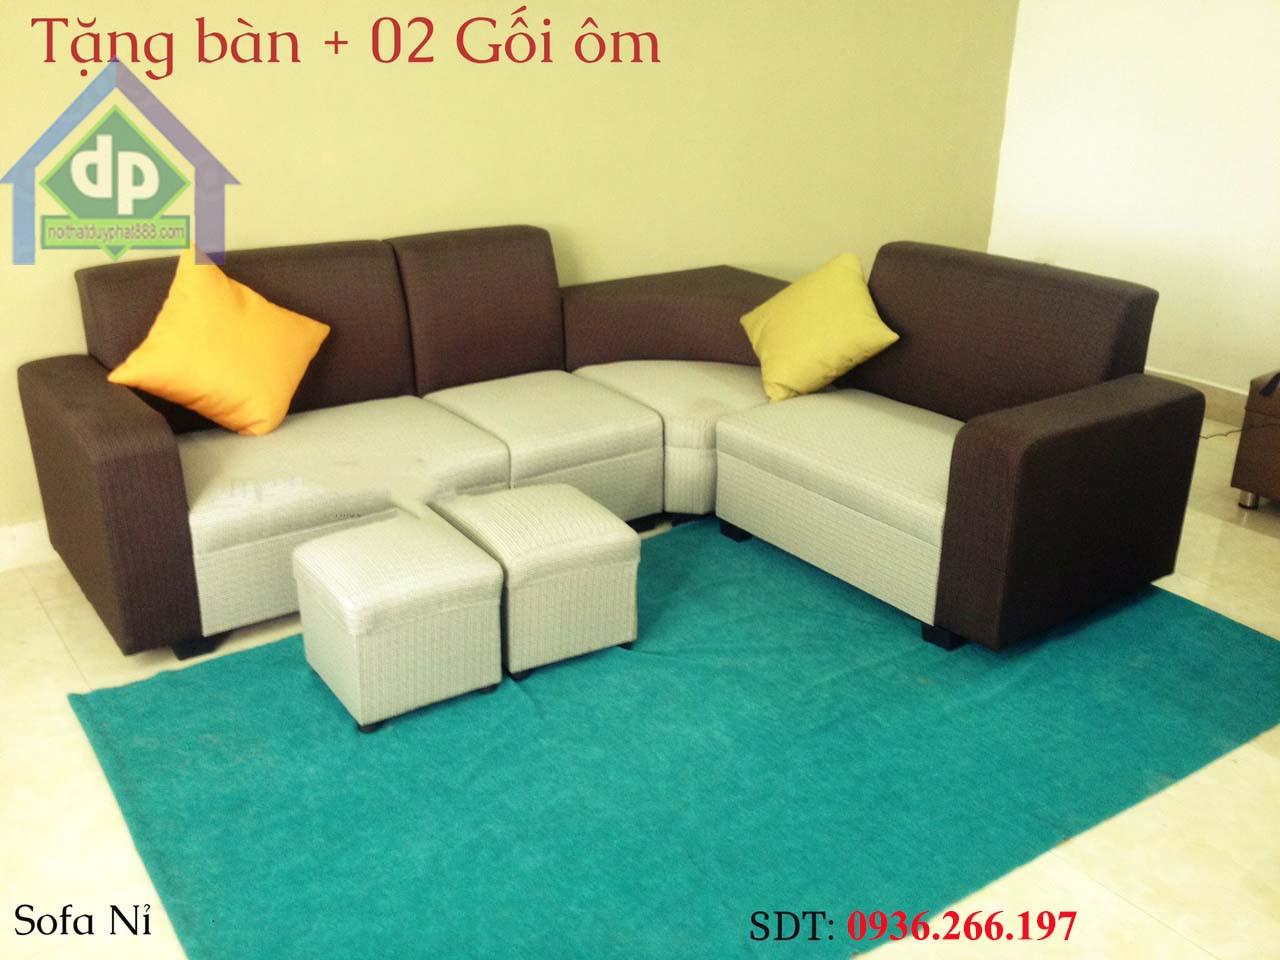 Thanh lý sofa Ba Đình bền đẹp tại Duy Phát